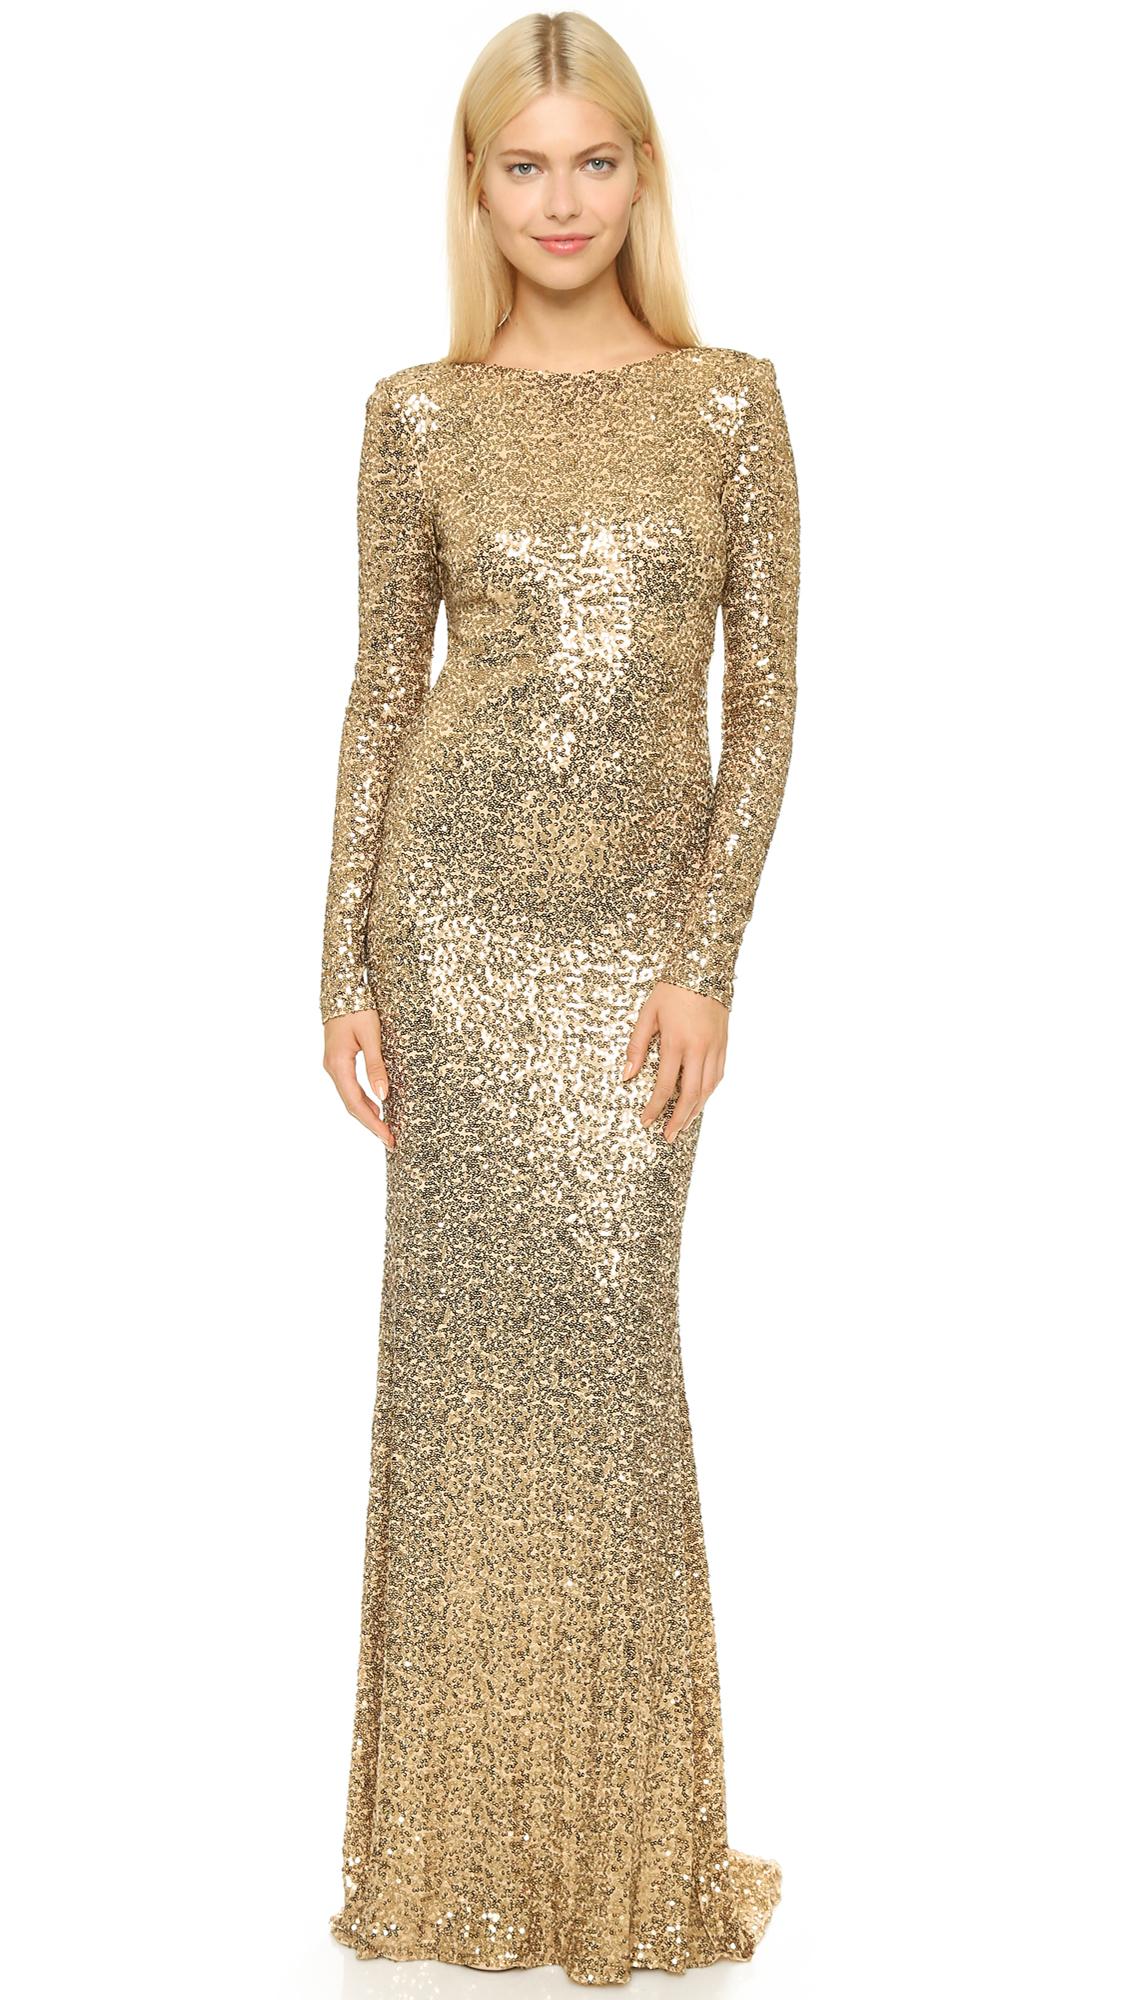 Lyst - Badgley Mischka Long Sleeve Sequin Gown - Gold in Metallic